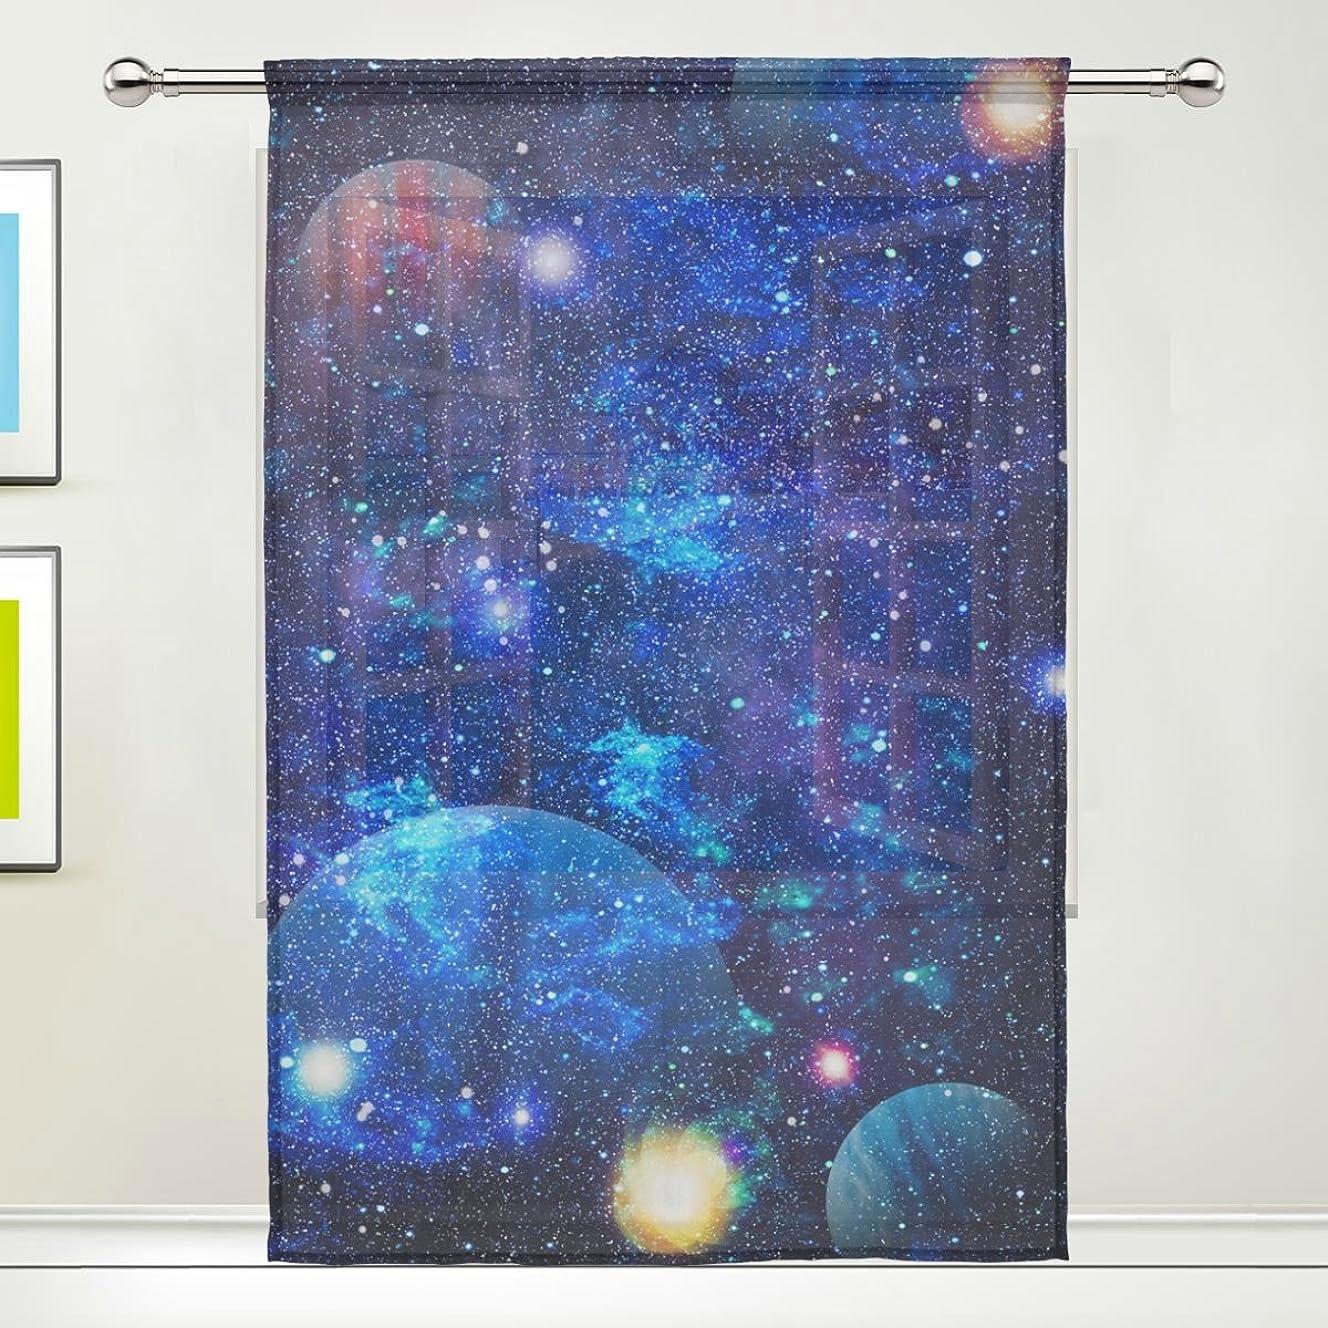 実際にちなみにメイドマキク(MAKIKU) シェードカーテン オーダー 遮光 レースカーテン おしゃれ ミラーレースカーテン 小窓 UVカット 洗える 目隠し 幅140cm×丈200cm 1枚 宇宙柄 星柄 銀河